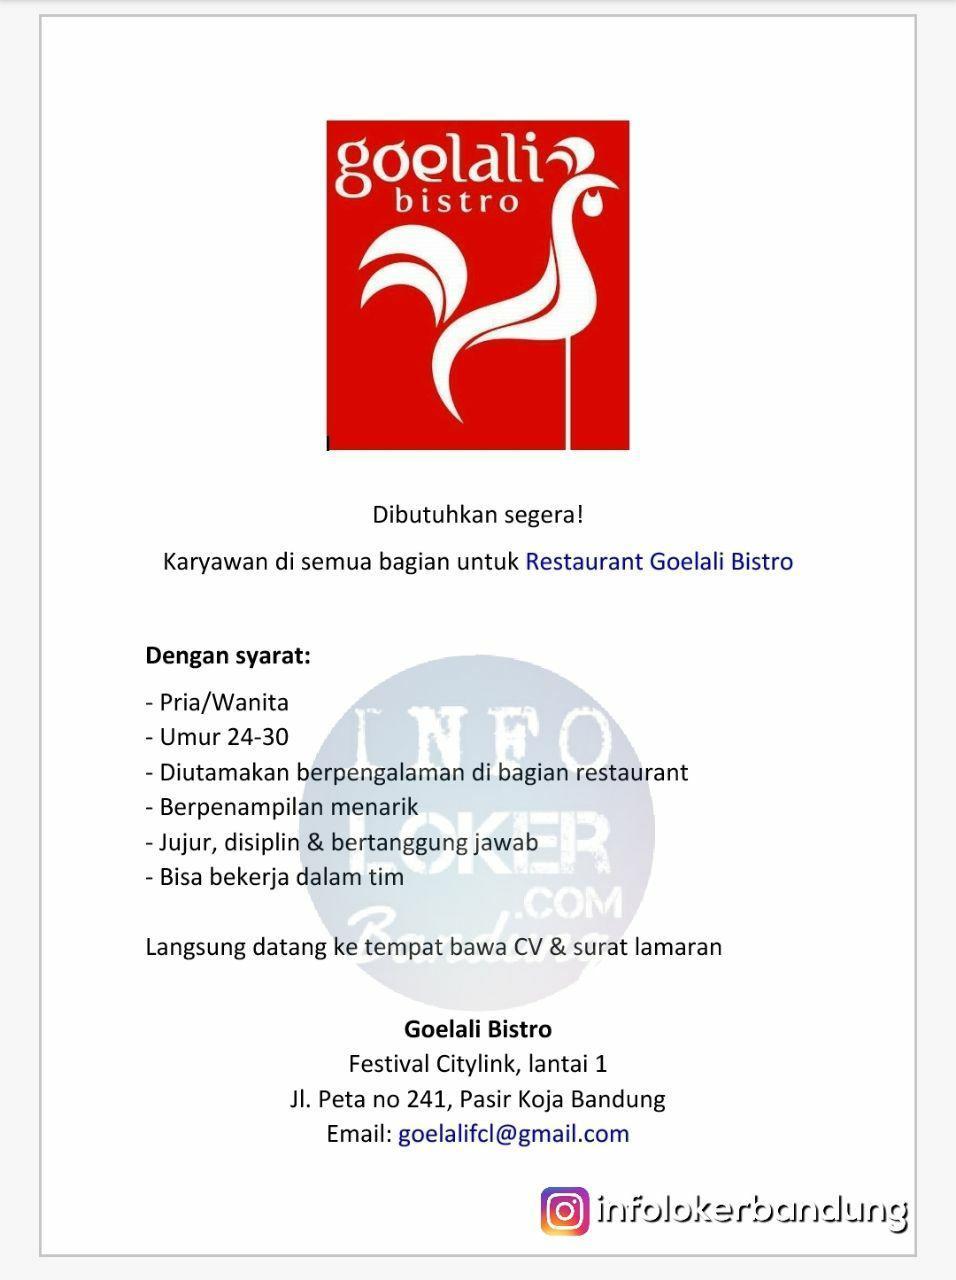 Lowongan Kerja Goelali Bistro Bandung April 2018